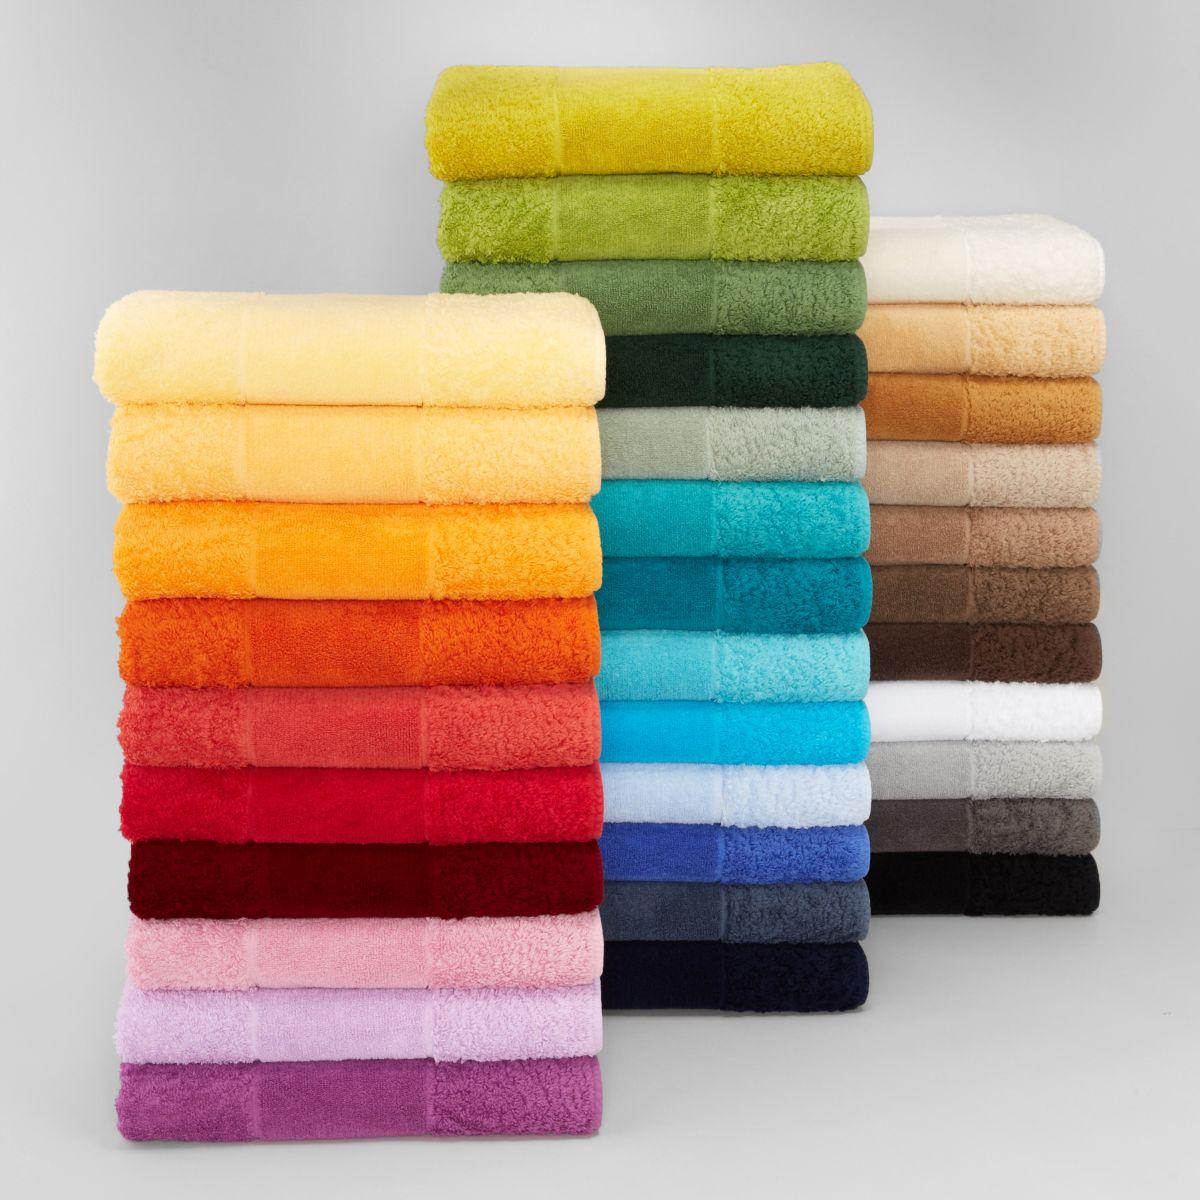 Abyss Super Line Bath Towel Bloomingdales